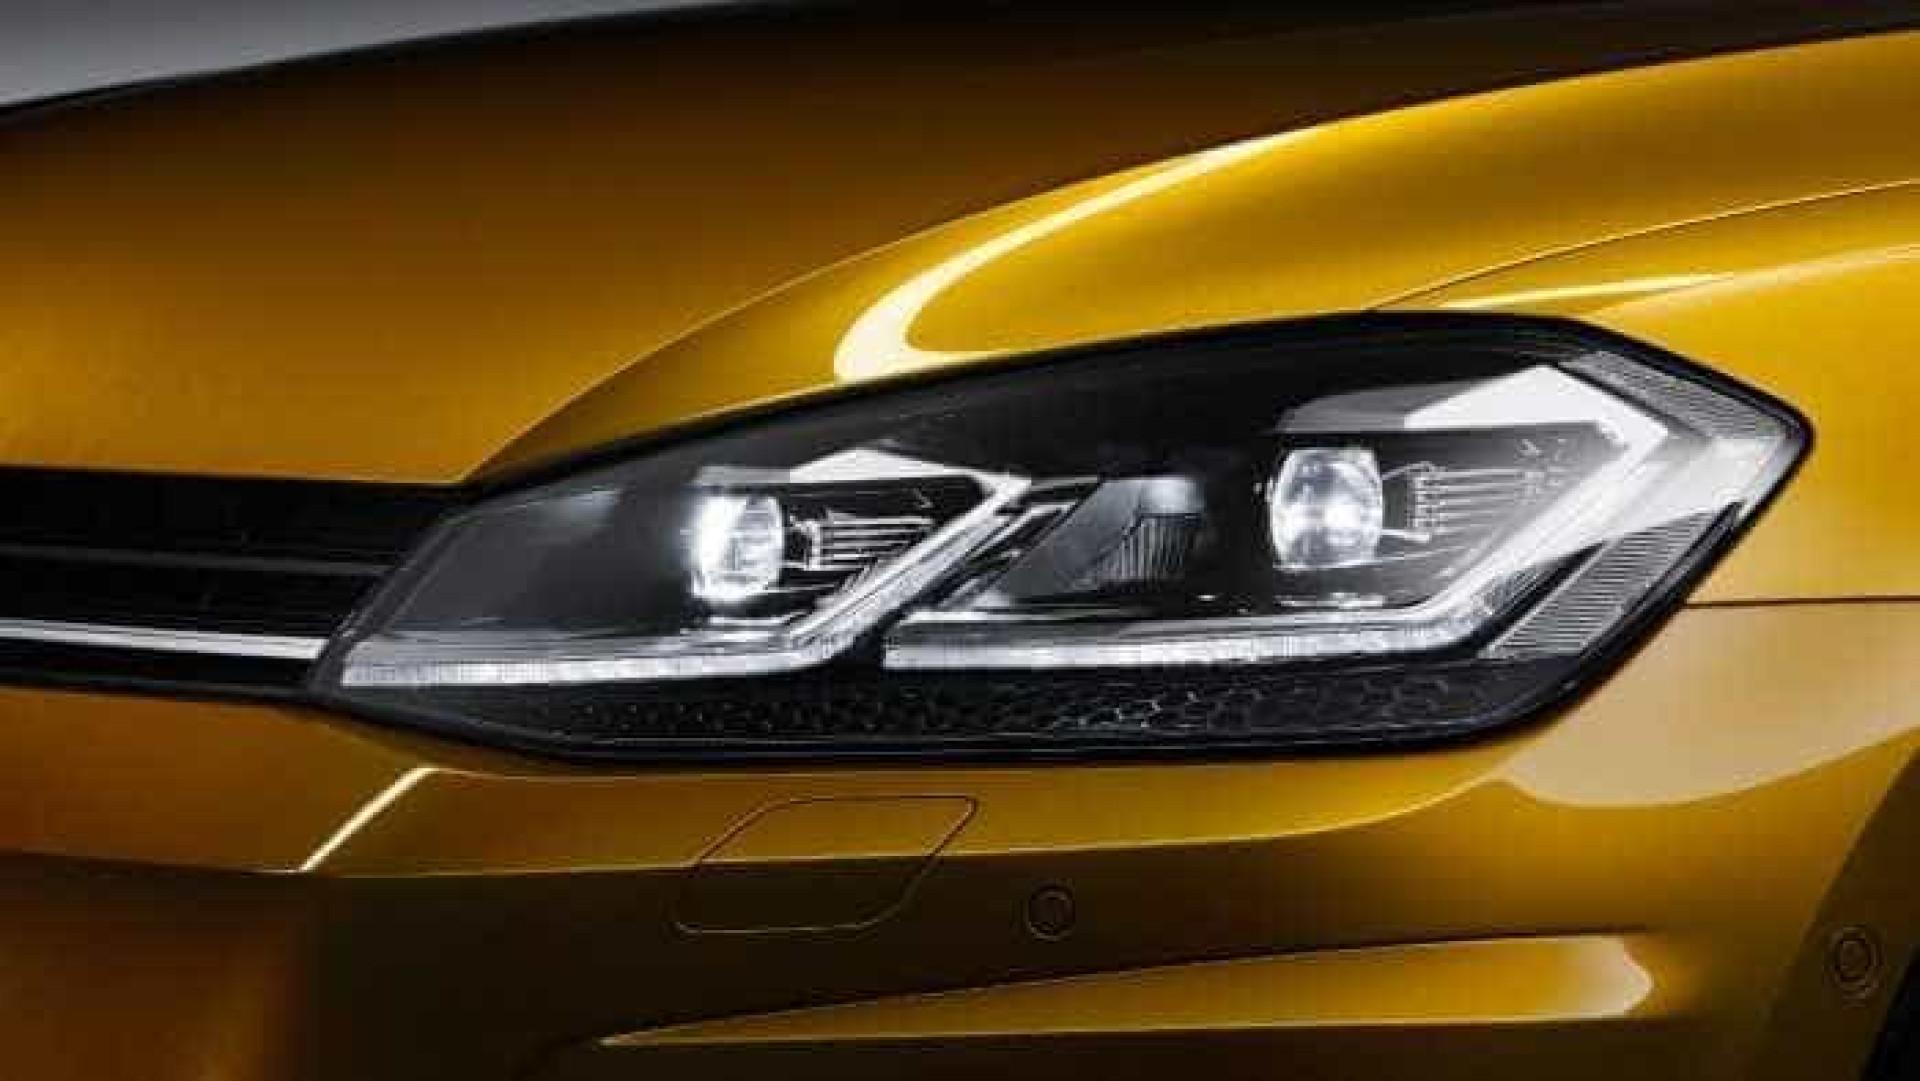 Sétima geração do Volkswagen Golf já chegou a Portugal